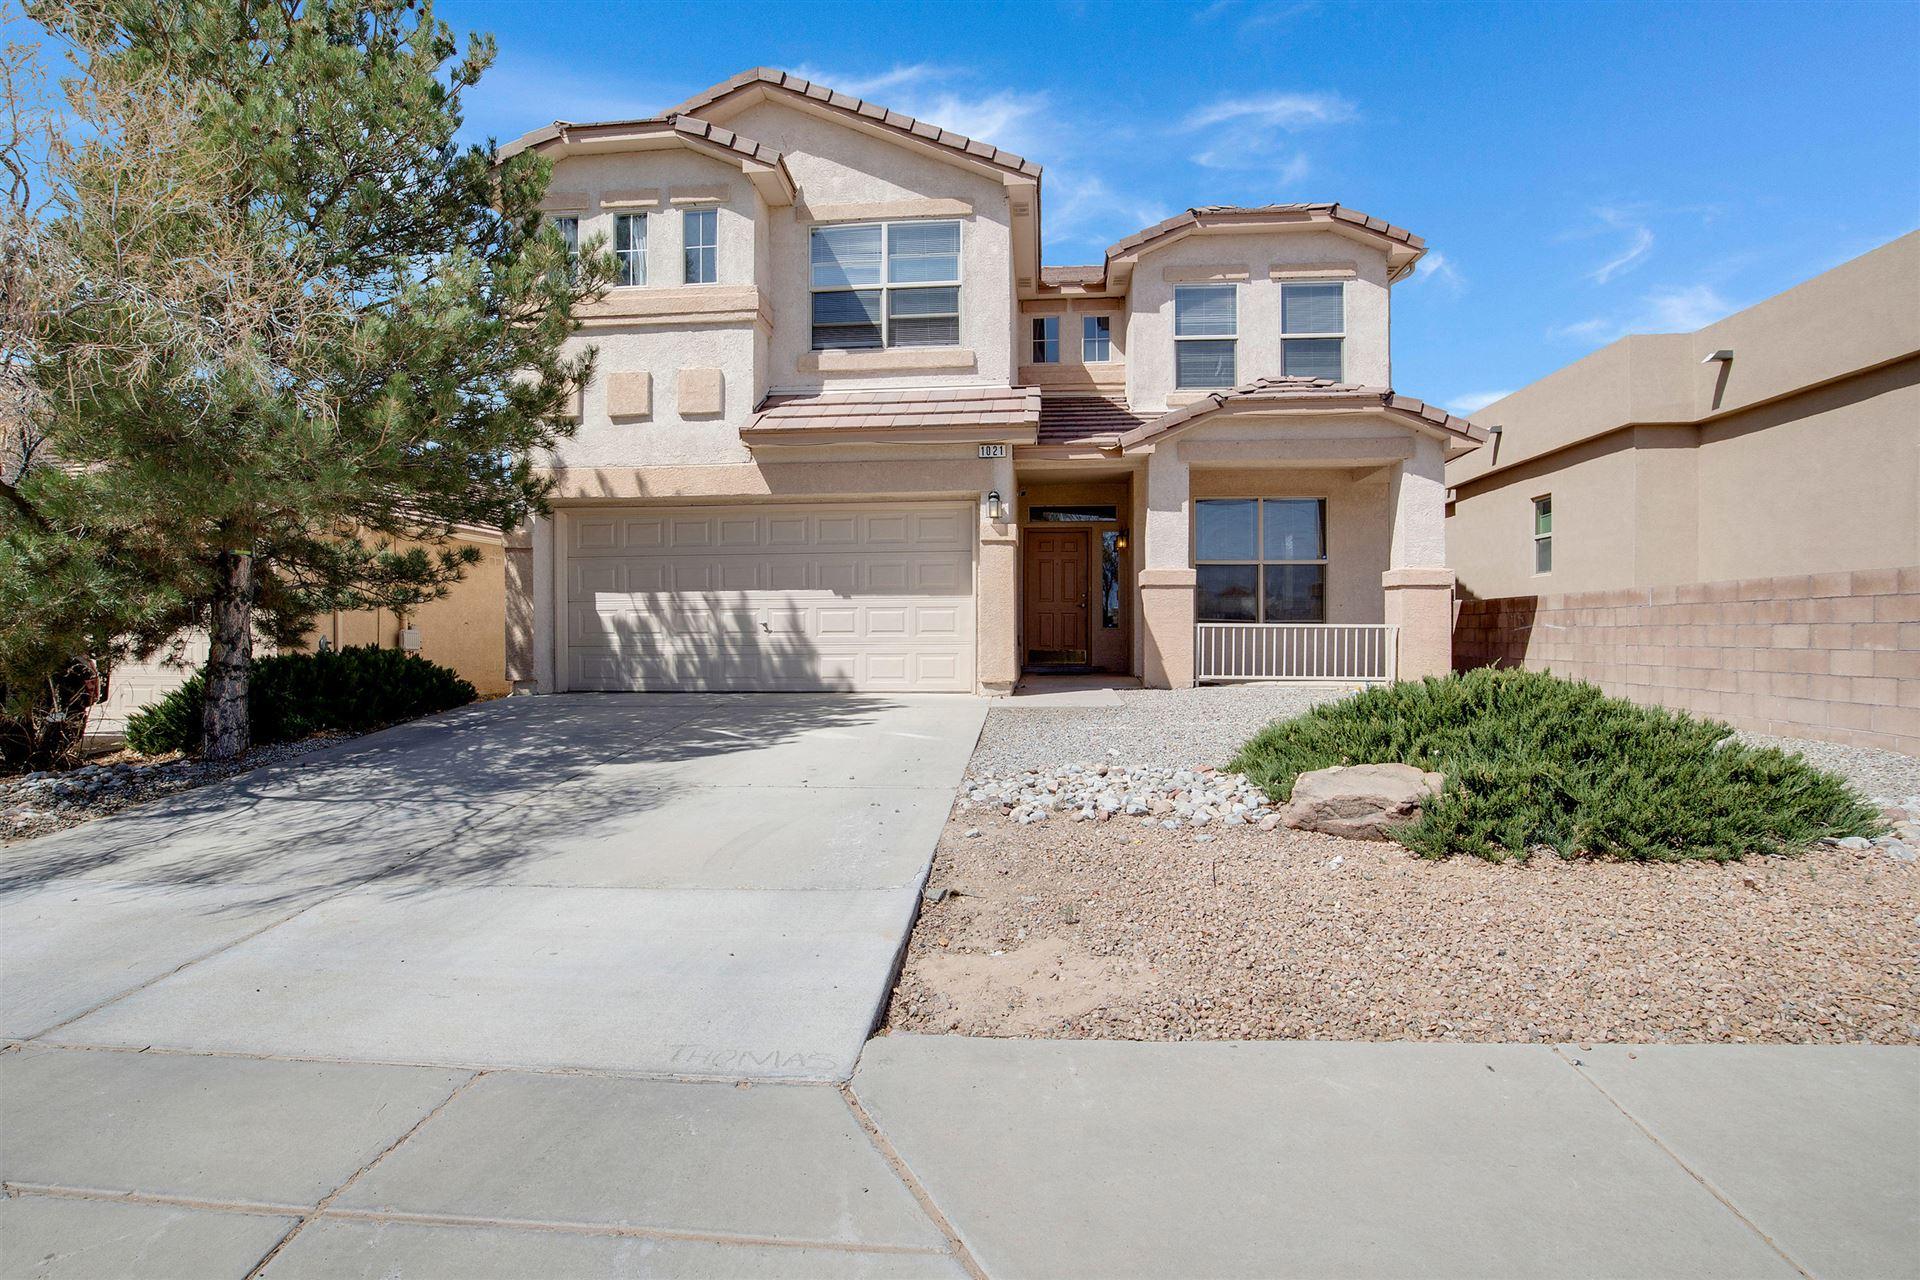 1021 25TH Street SE, Rio Rancho, NM 87124 - MLS#: 989225